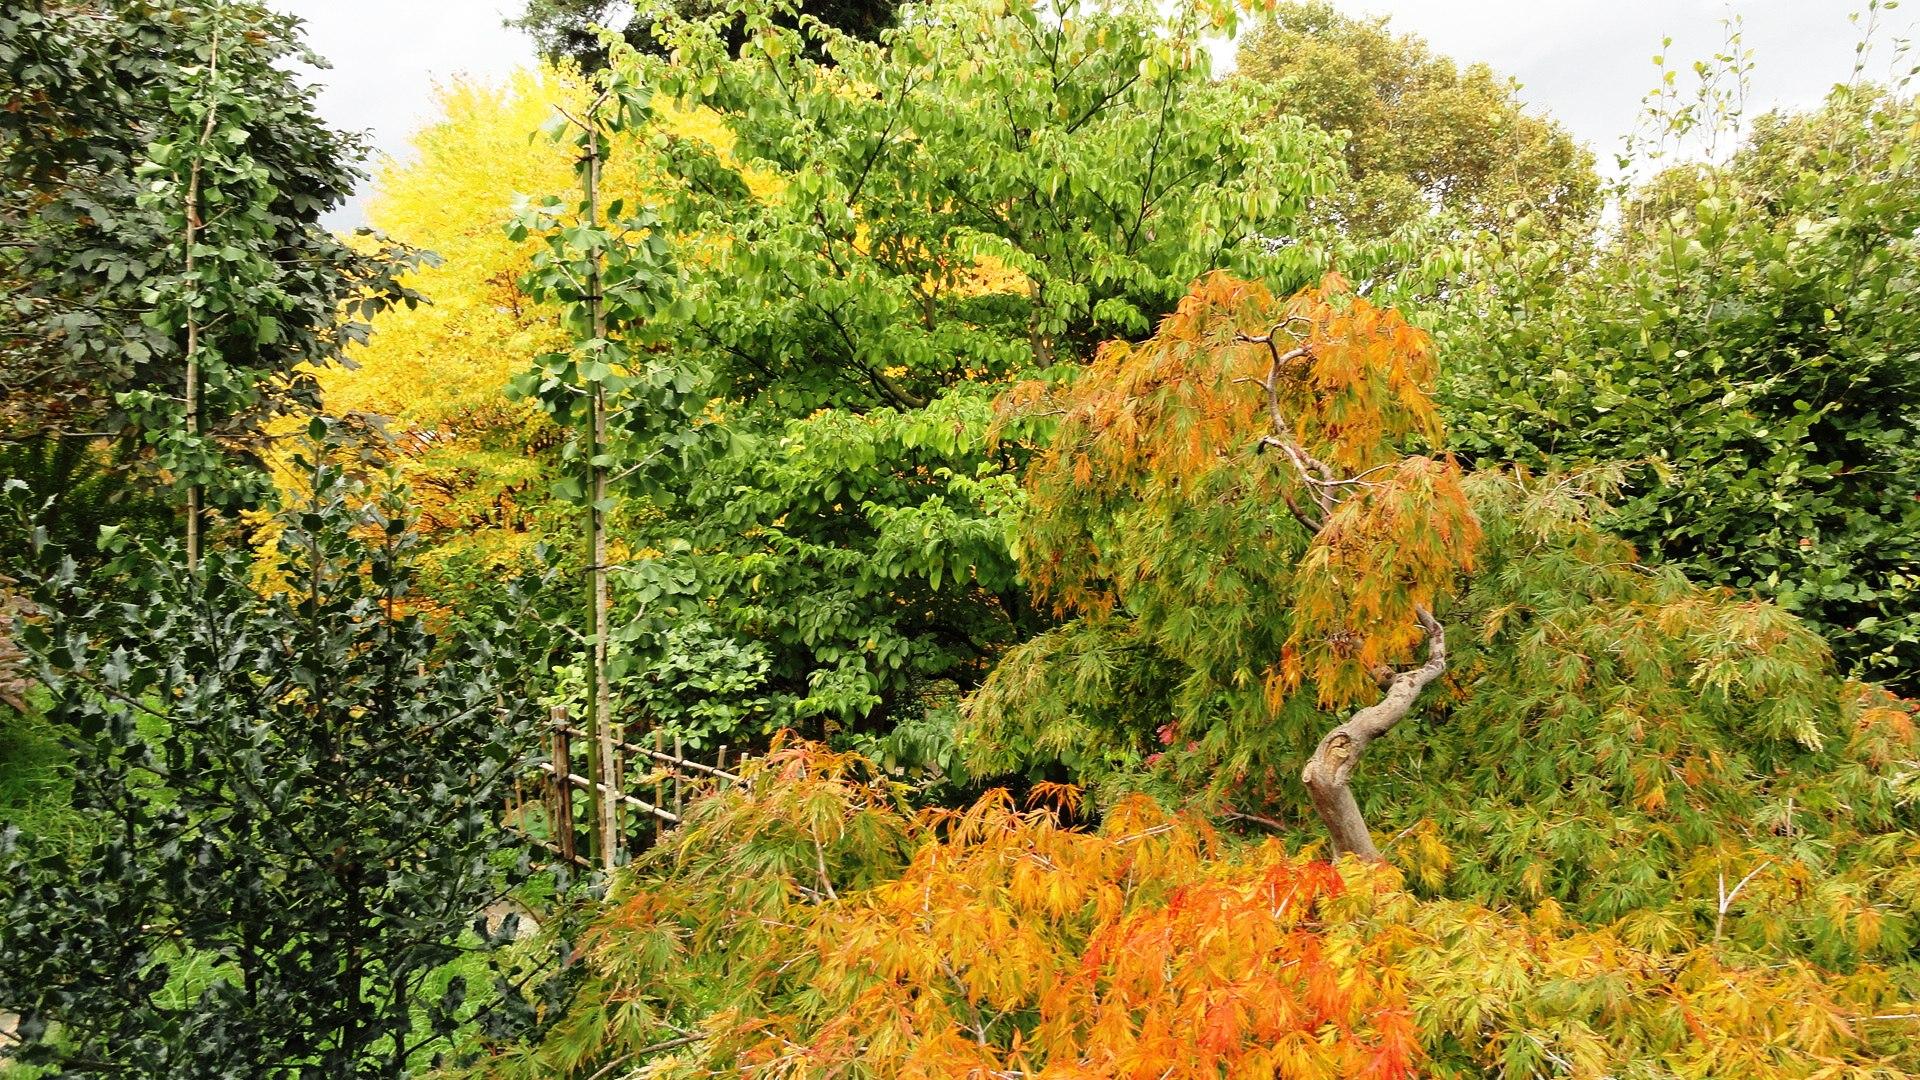 Jardins Albert Kahn - Les couleurs de l'automne